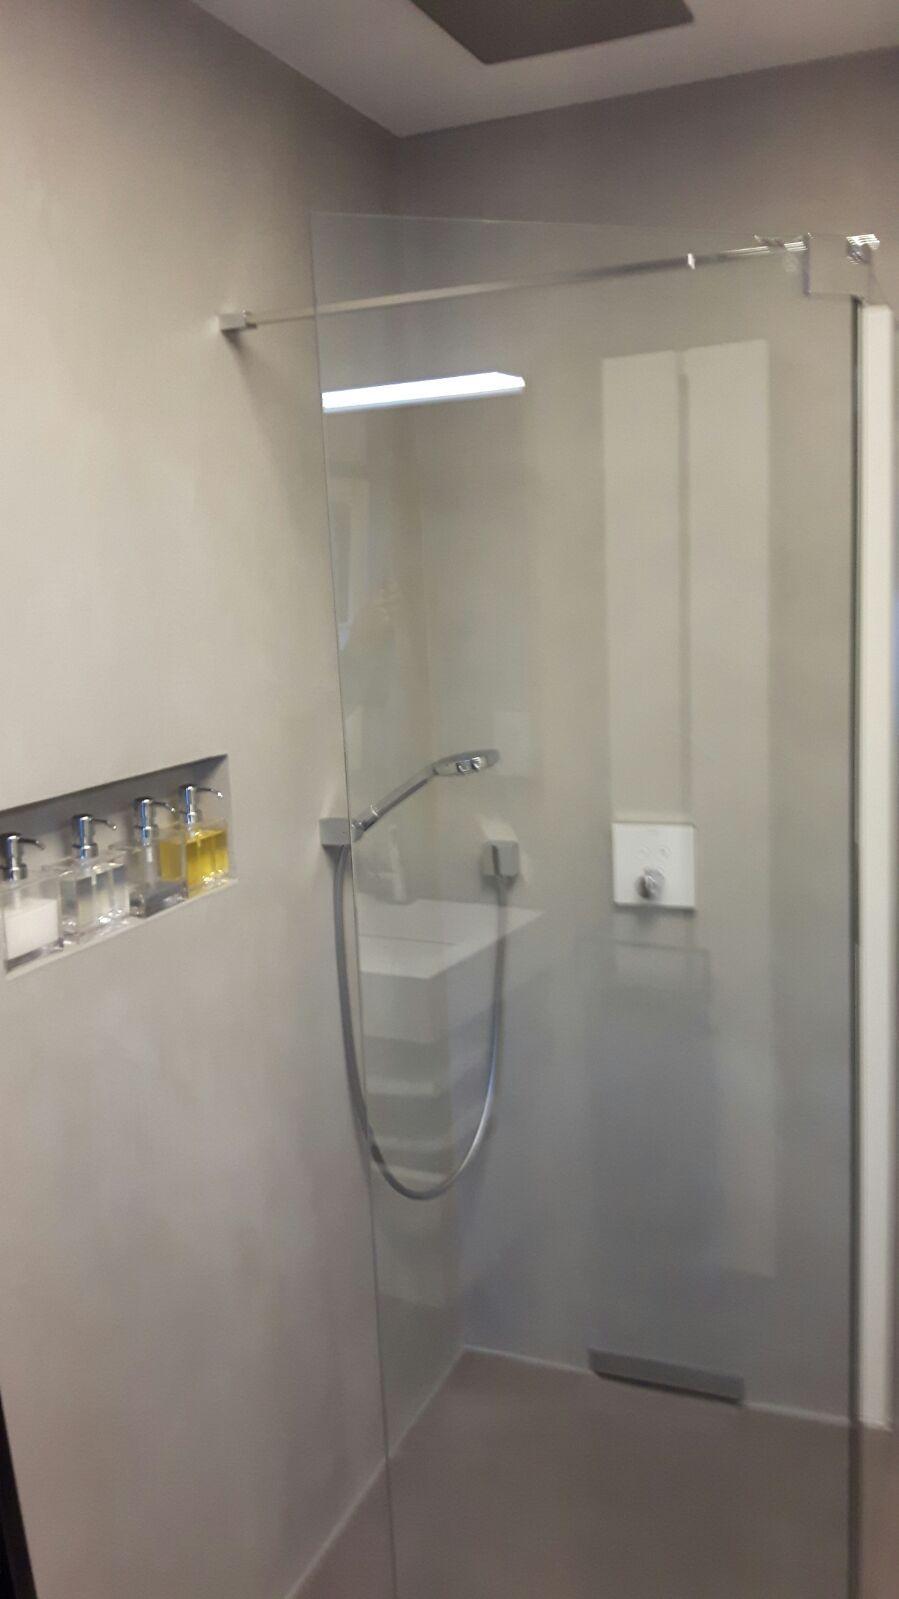 Kera Design Fugenloses Bad In Braunschweig Wandgestaltung Mit Carament Mikrozement Beton Cire Carament Beton Concre Beton Putz Fugenloses Bad Marmorputz